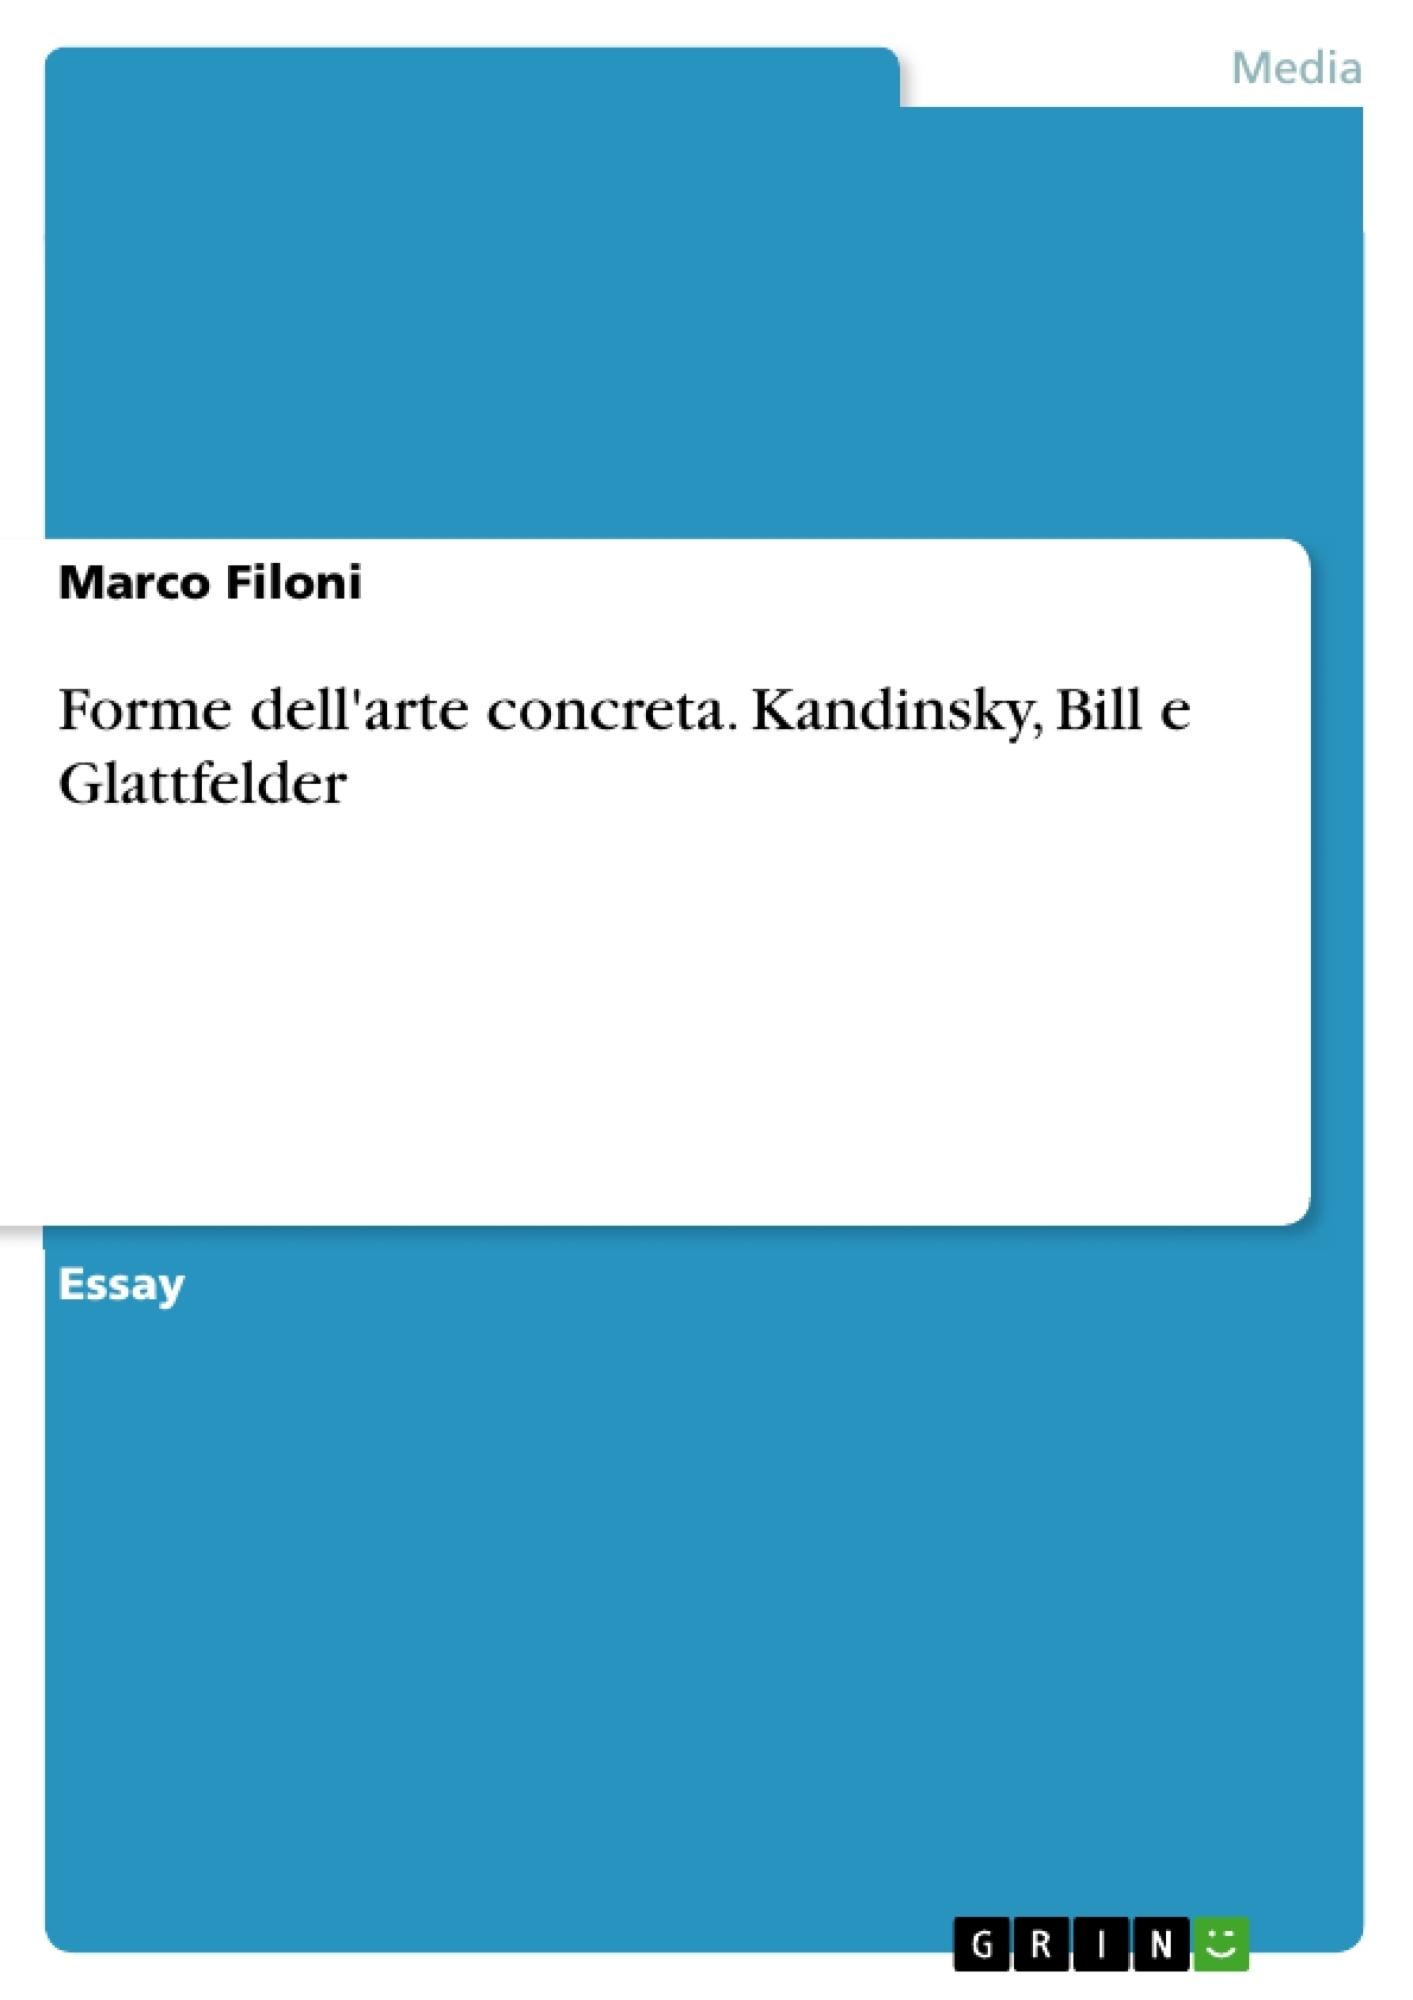 Title: Forme dell'arte concreta. Kandinsky, Bill e Glattfelder